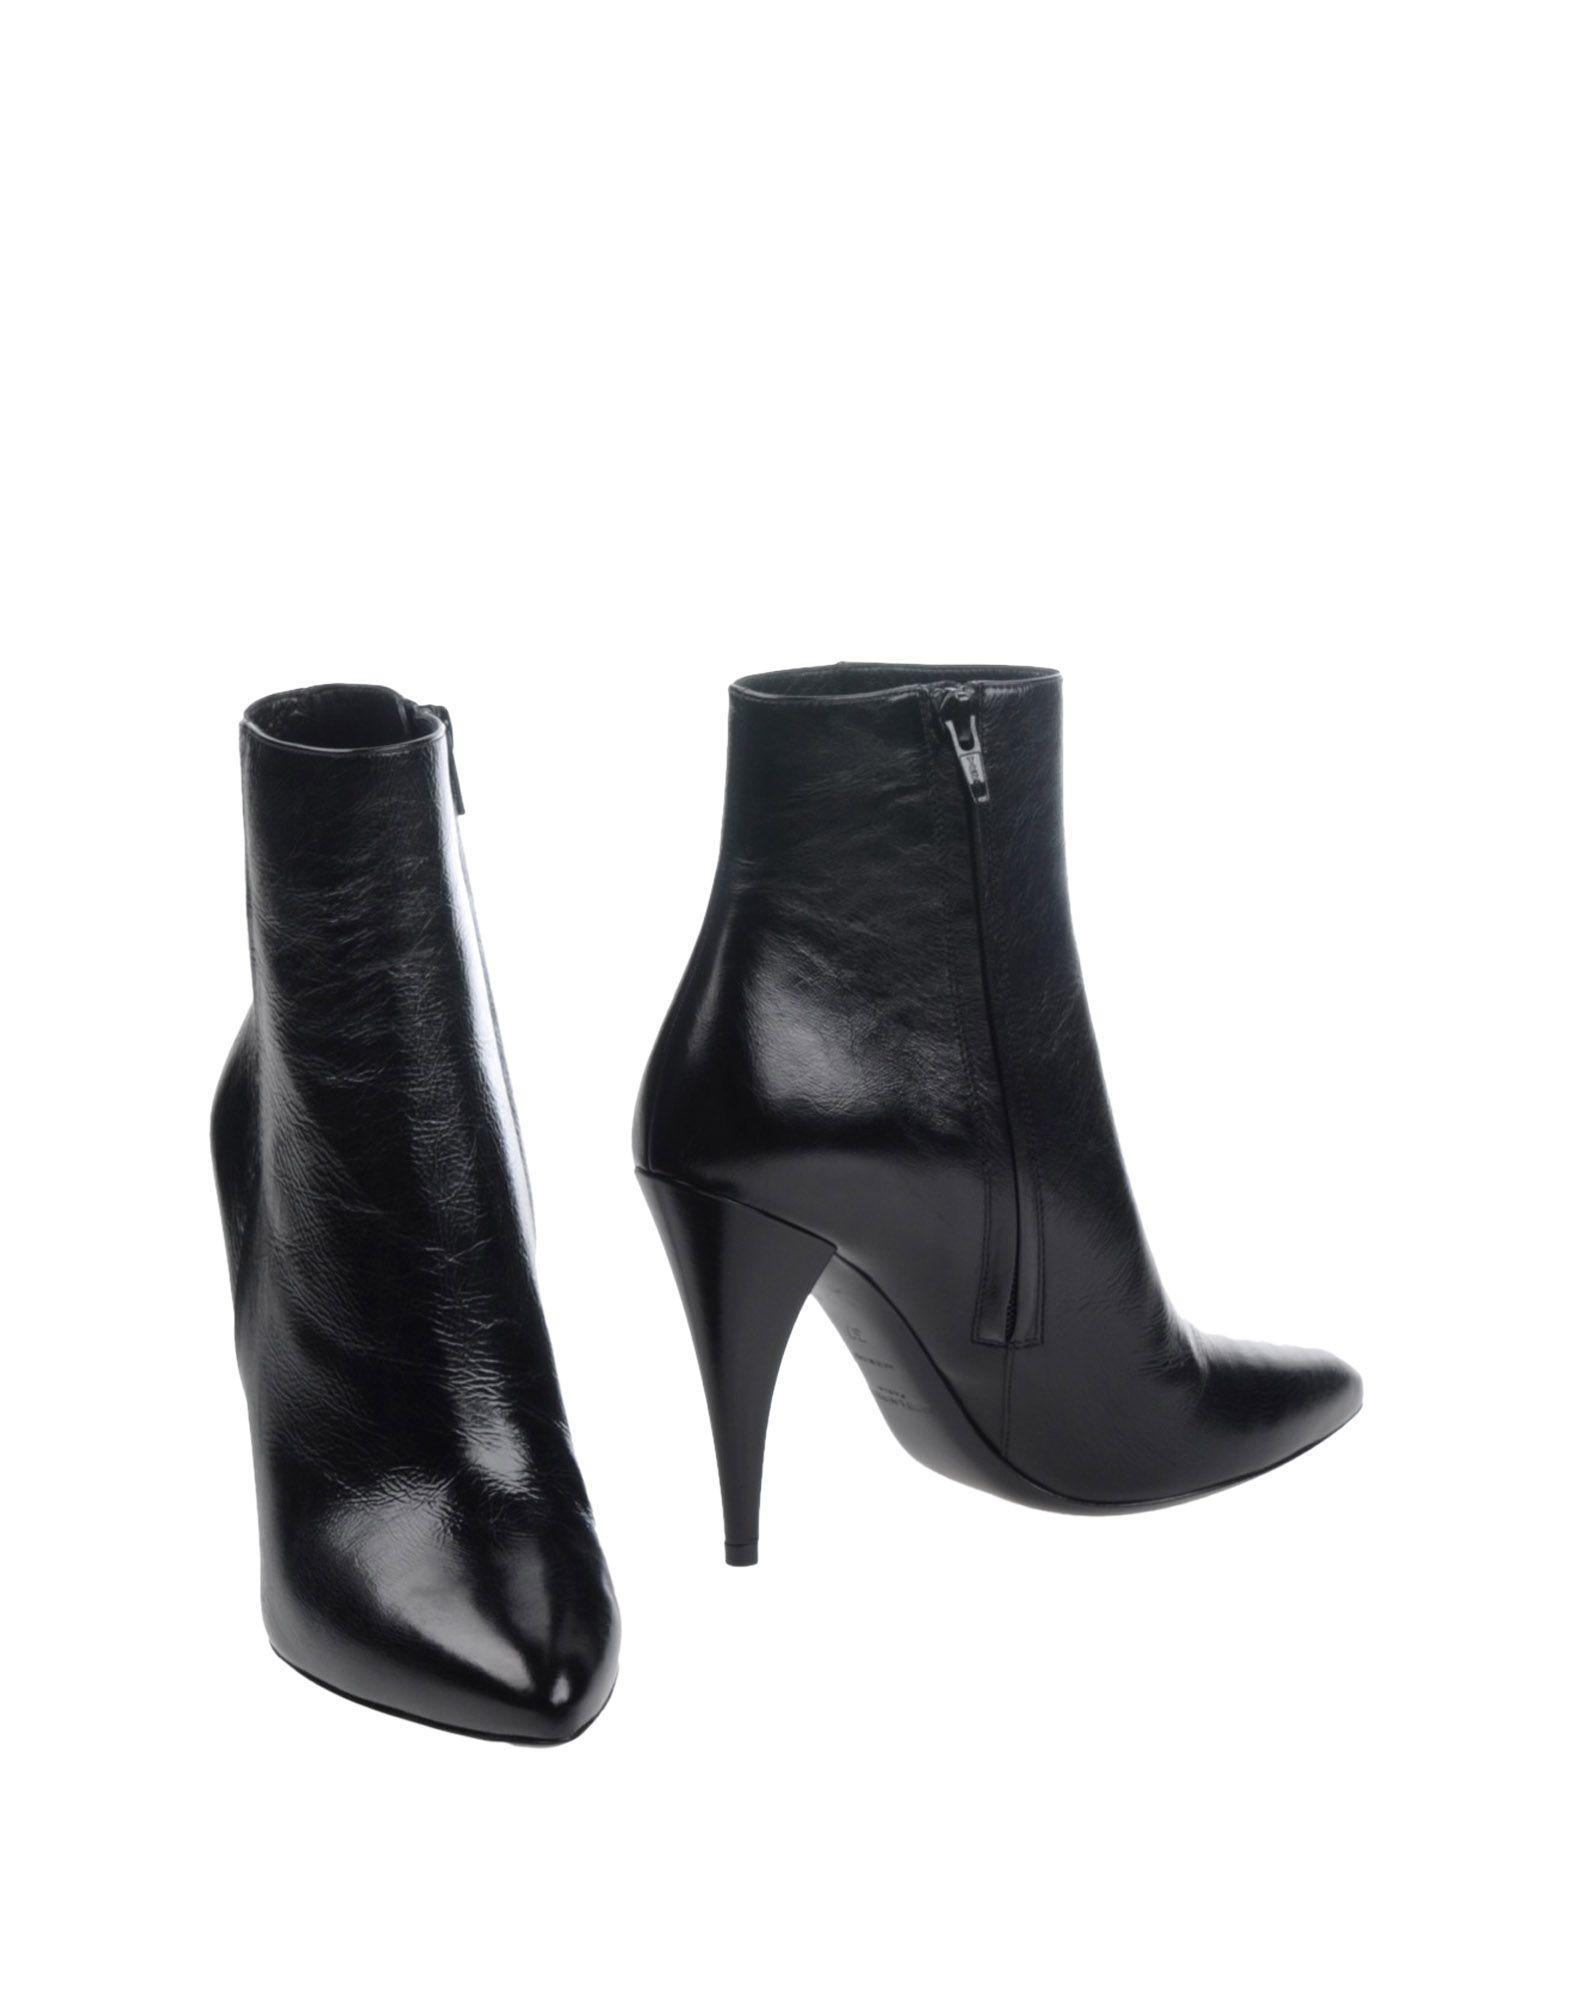 49467da7559 Saint Laurent. Women s Black Ankle Boots